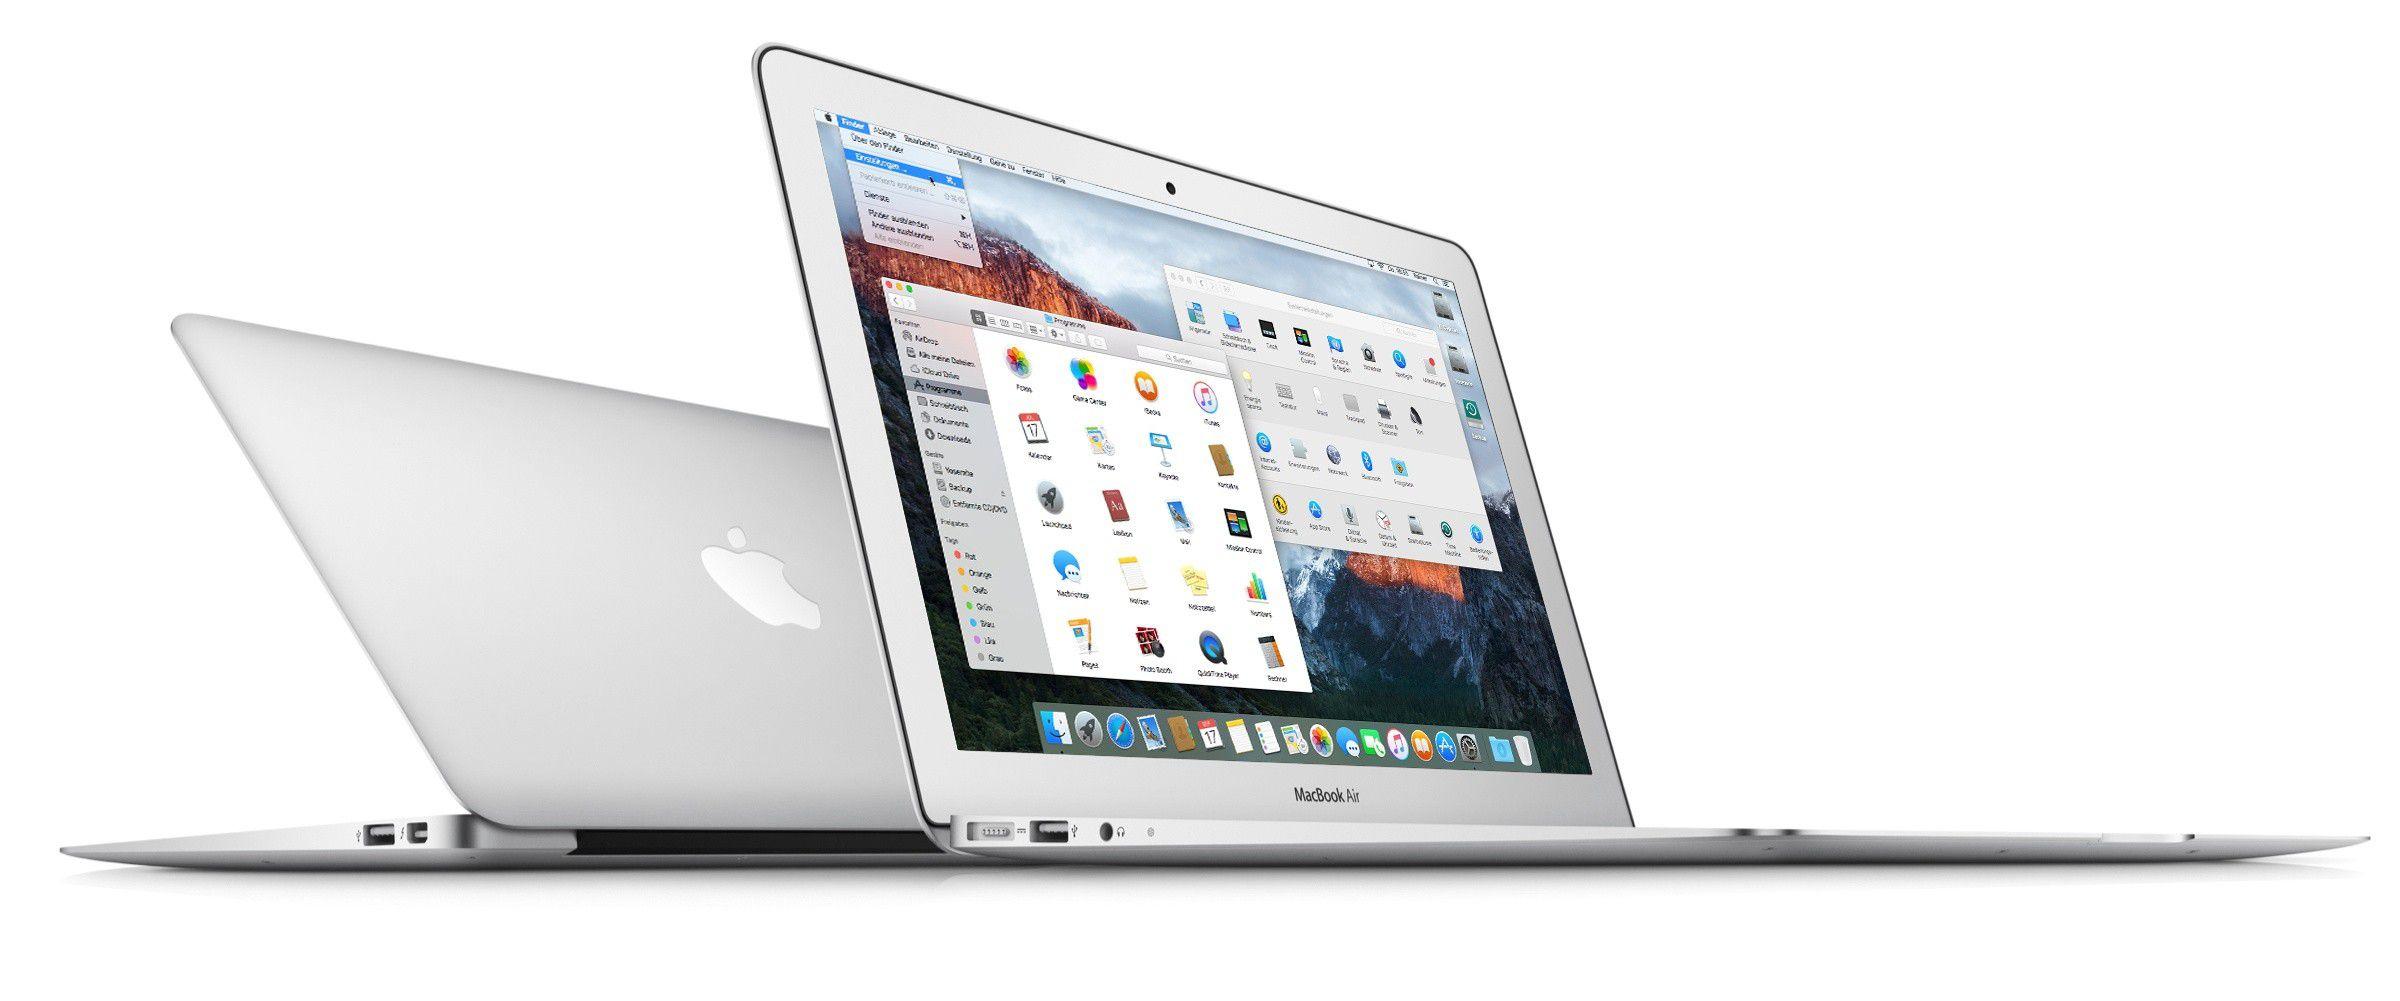 OS X 10.11 El Capitan - so erstellen Sie einen bootfähigen USB ...